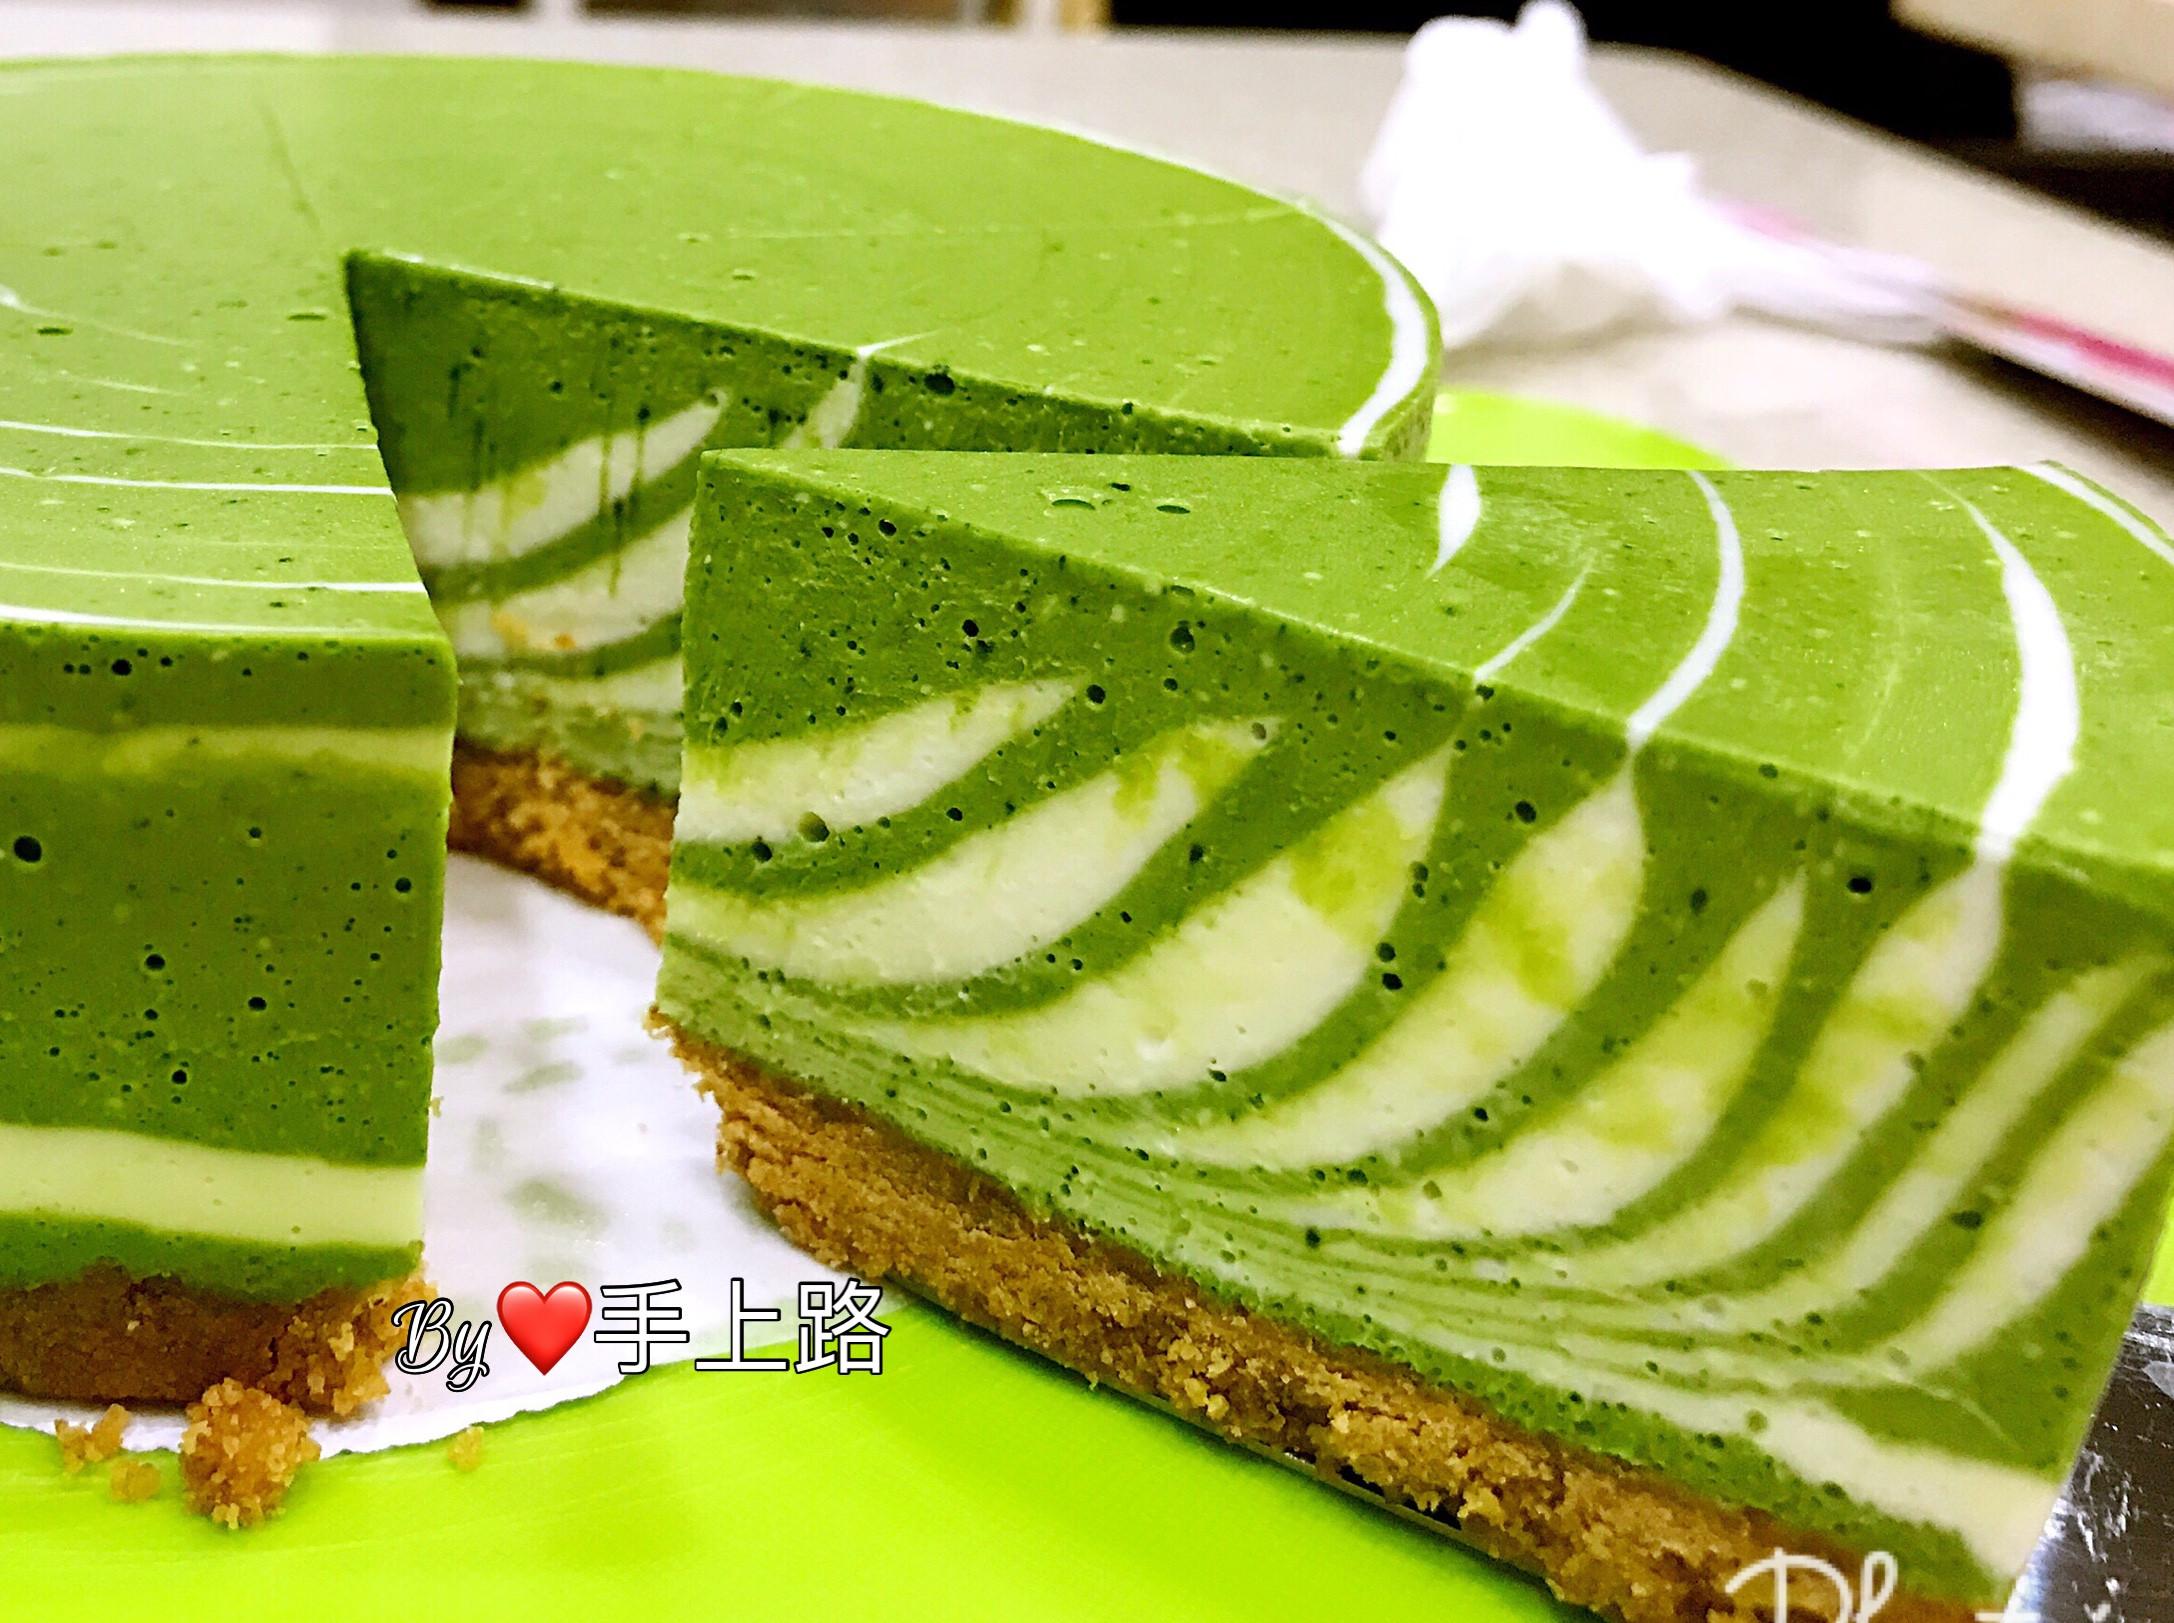 斑馬條紋日式抹茶乳酪蛋糕(6吋、免烤箱)